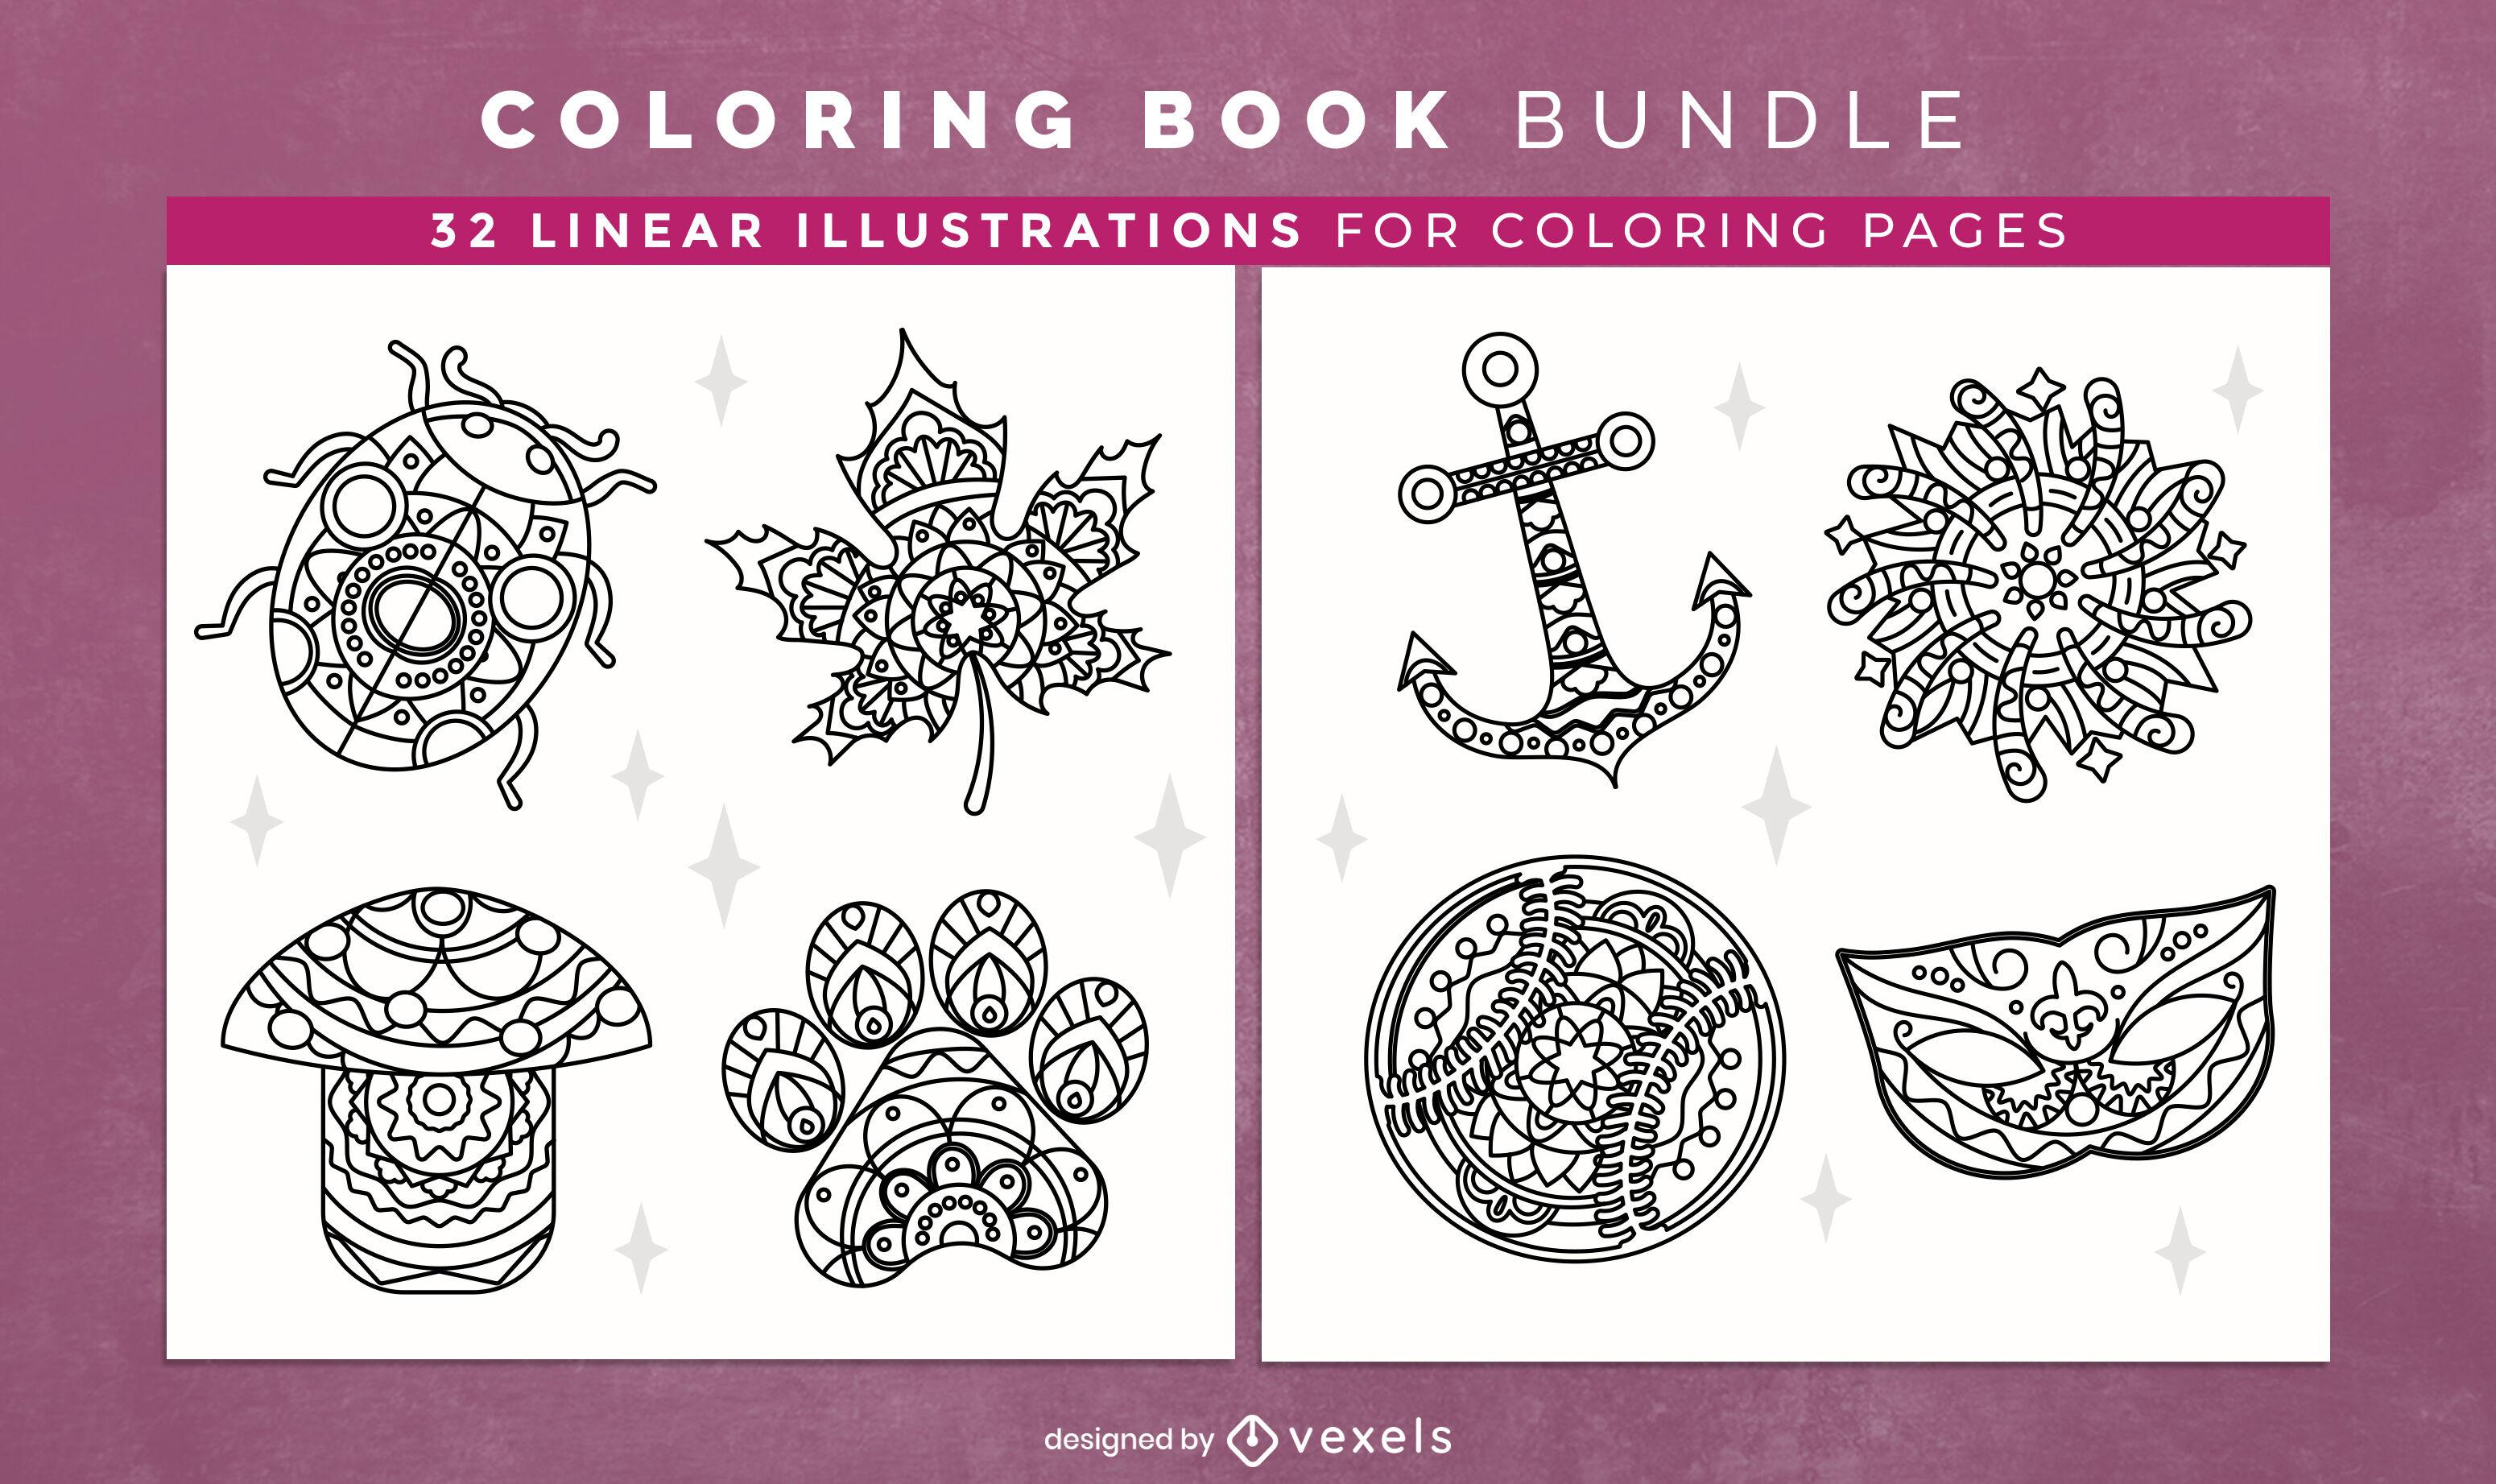 Elementos de mandala para colorear páginas de diseño de libros